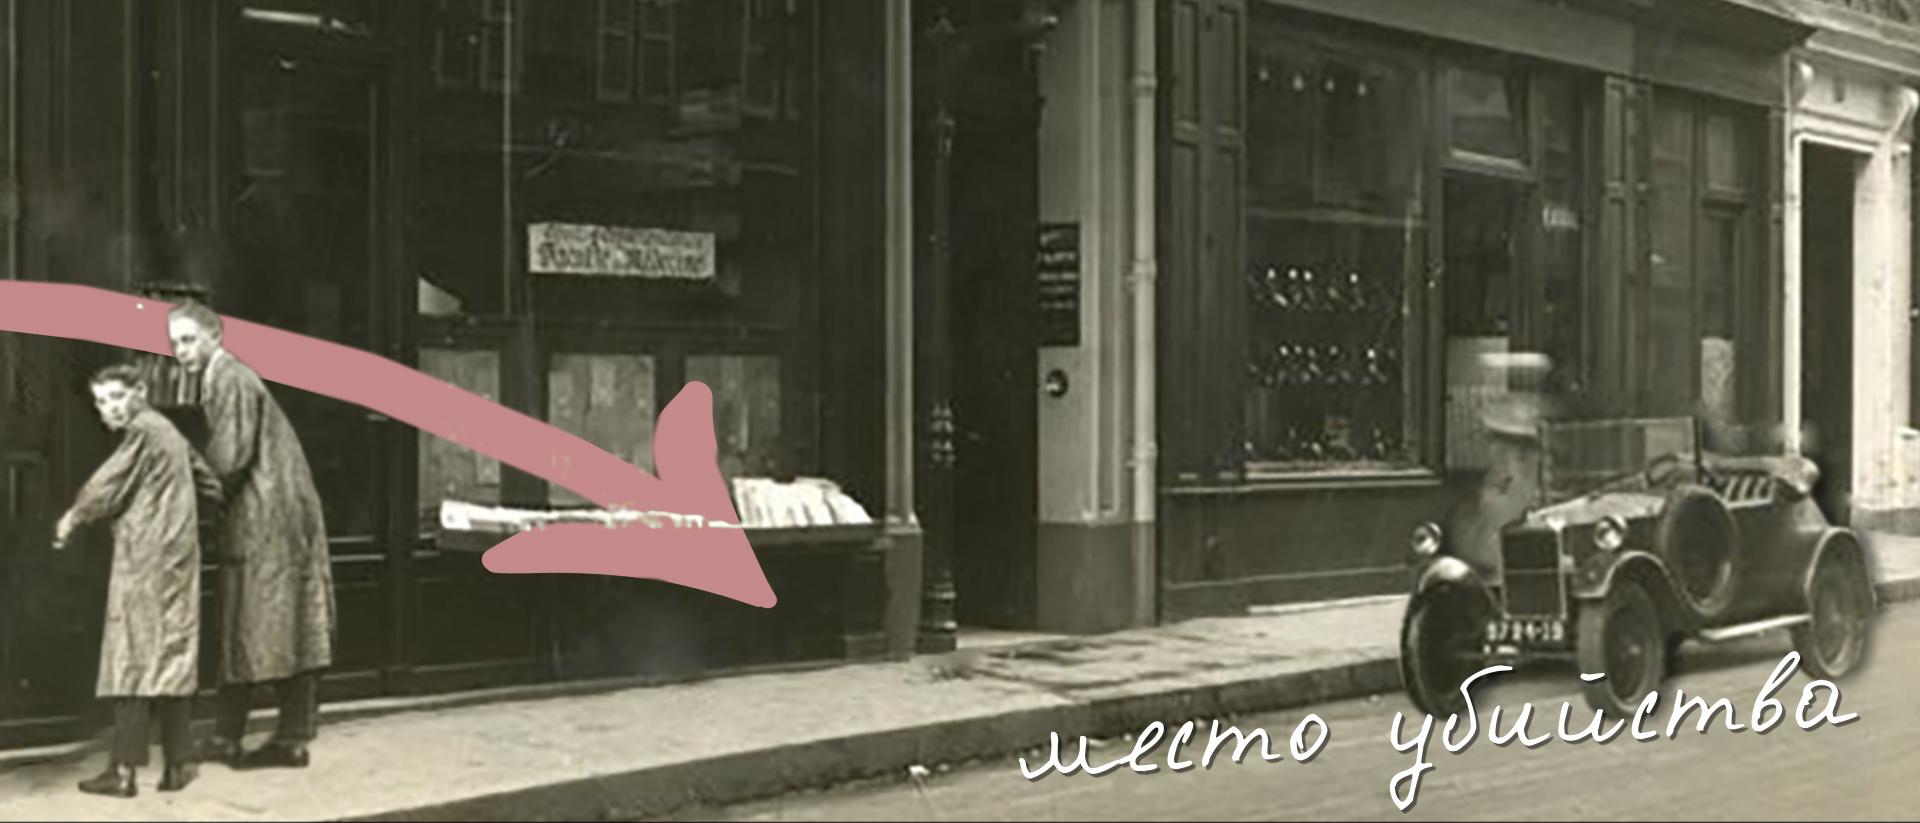 Пересечение улицы Расин и бульвара Сен-Мишель в Париже. Именно из дверей этого ресторана в два часа дня 25 мая 1926 года вышел мужчина в белой рубашке. Через мгновение он упадет напротив прилавка с газетами. Стрелявший не станет убегать. Его схватят прохожие. Раненый умрет через несколько часов в клинике Шарите в двух кварталах отсюда. Фото: Bibliothèque nationale de France